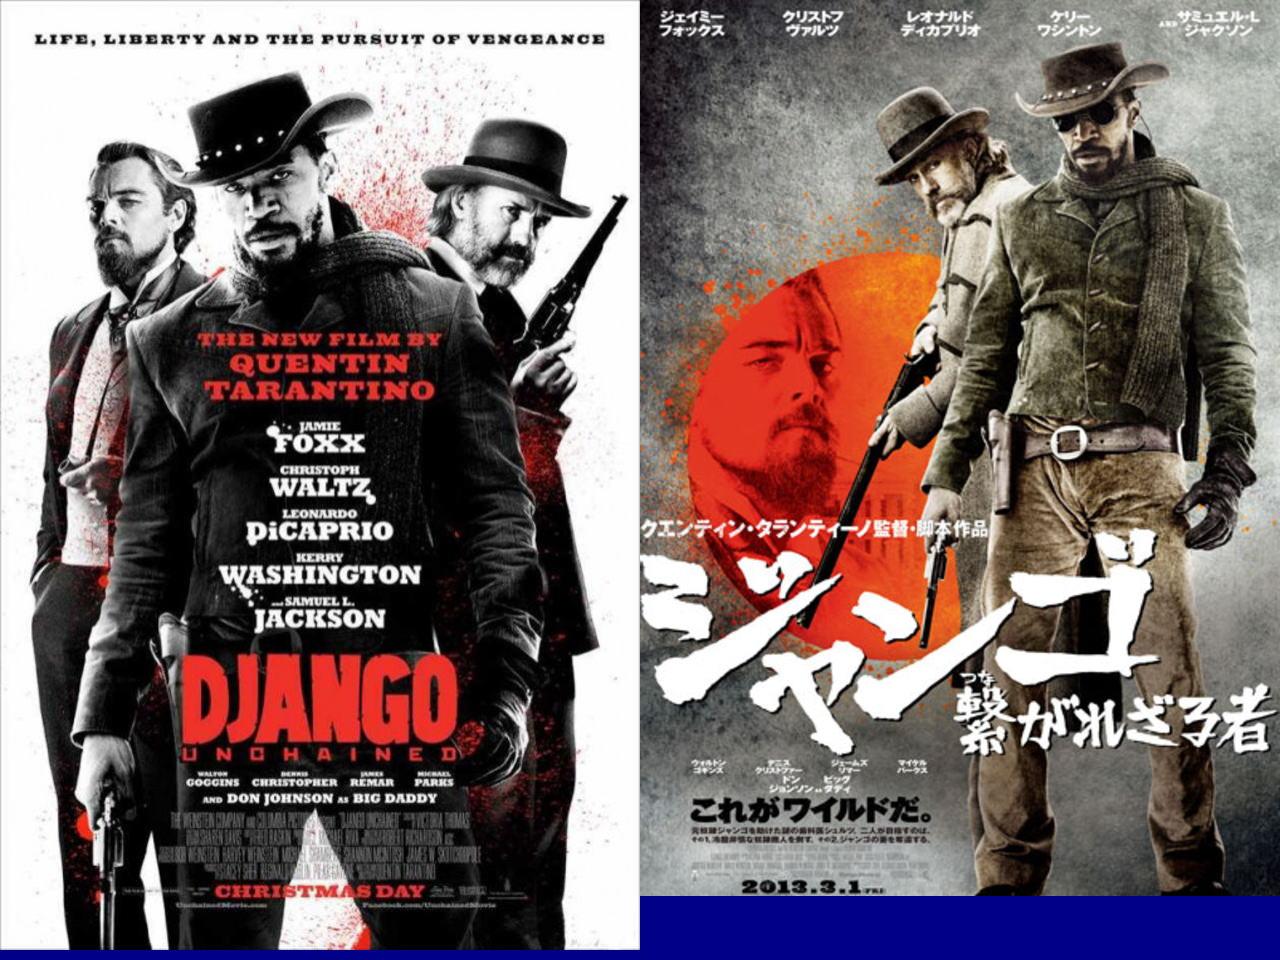 映画『ジャンゴ 繋がれざる者 (2012) DJANGO UNCHAINED』ポスター(8) ▼ポスター画像クリックで拡大します。